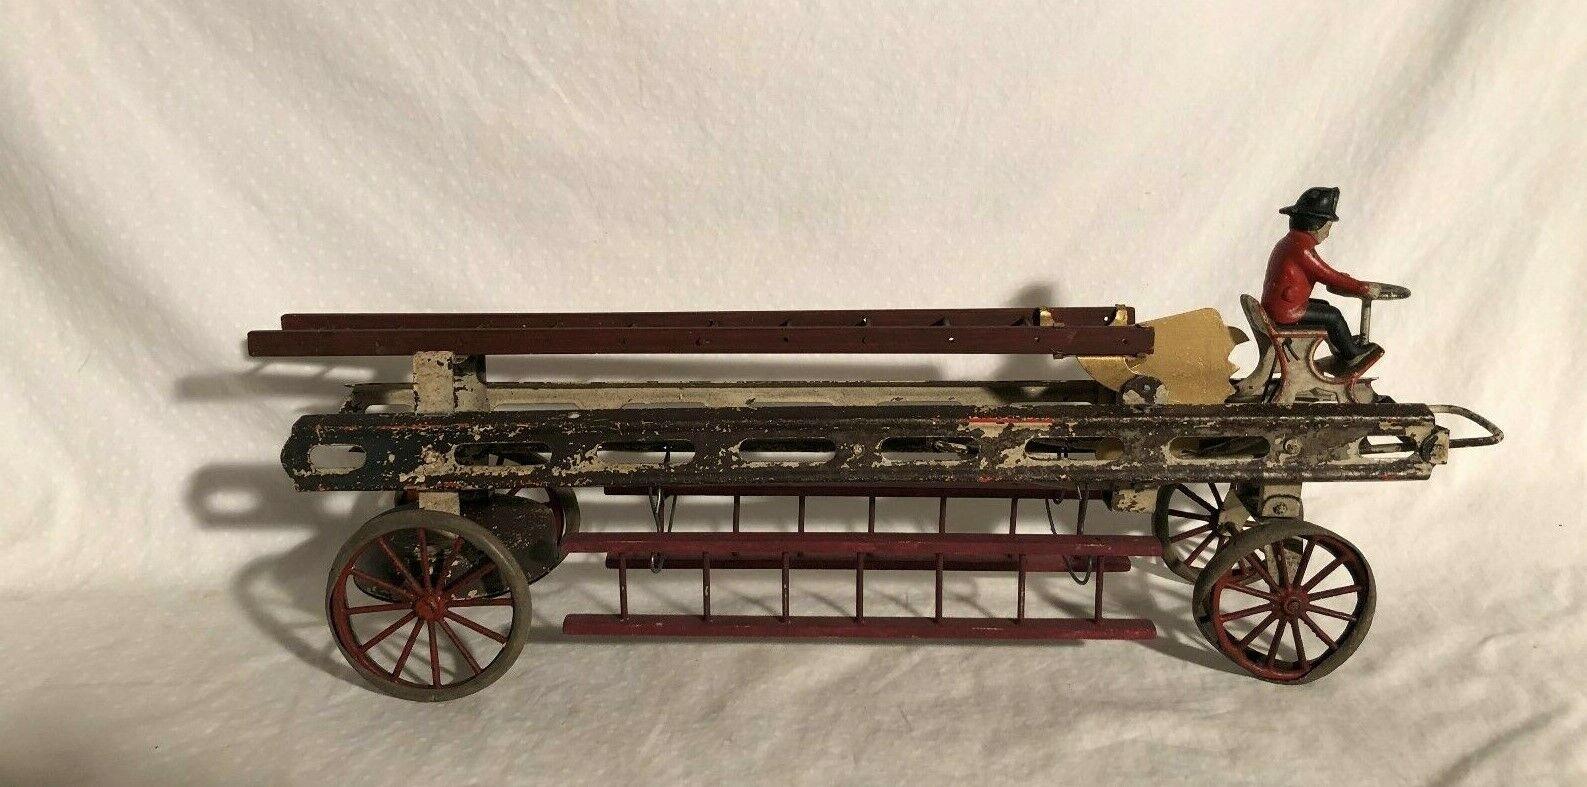 Wilkins Kingsbury Jouets Antique Fire  Échelle Wagon grand Wind Up Jouet Camion  offres de vente